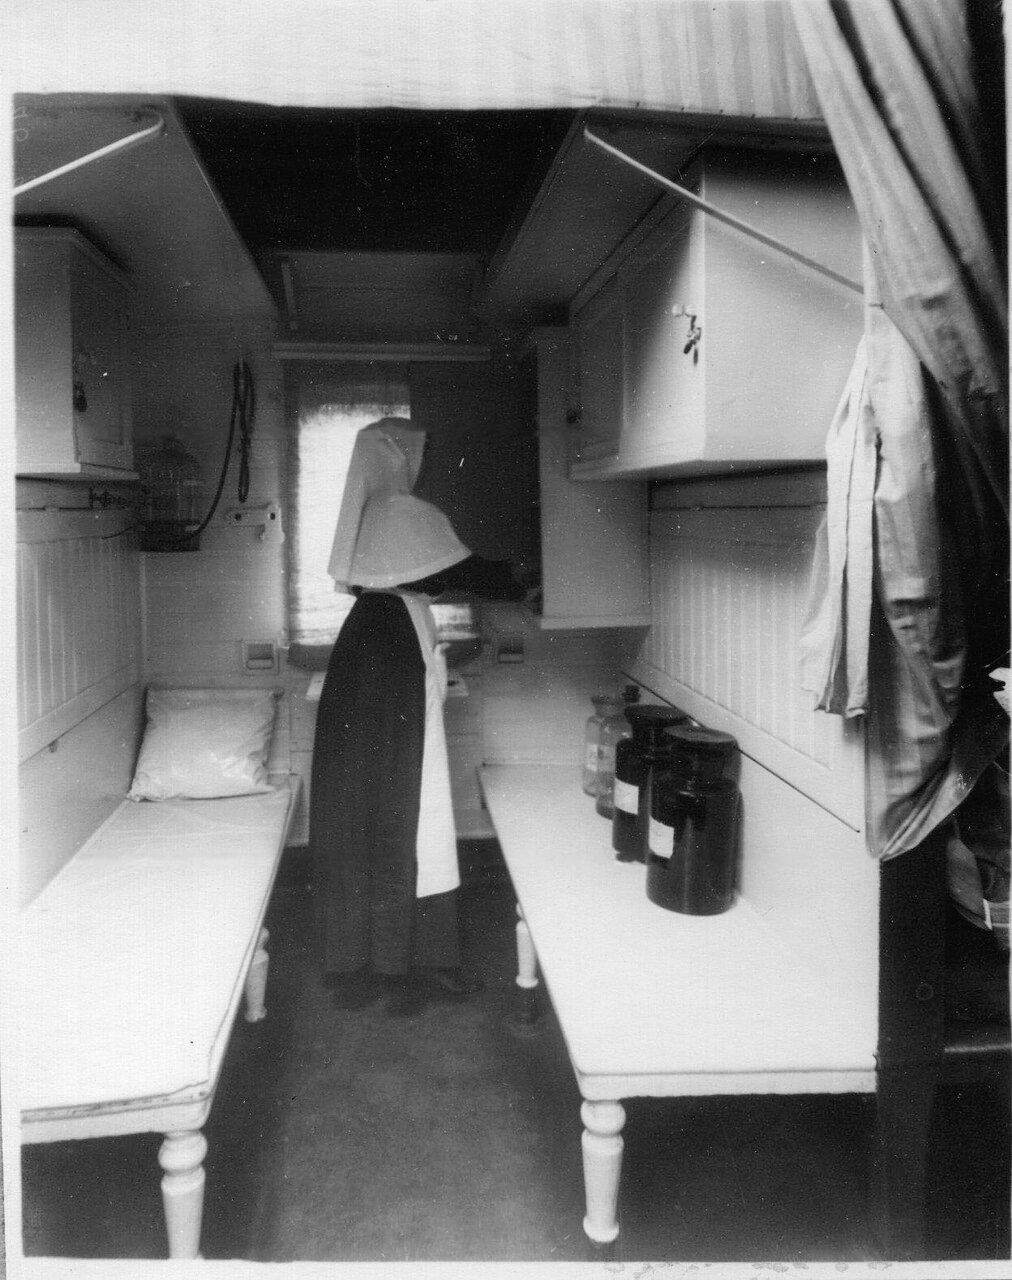 Сестра в поезде 4 фотография